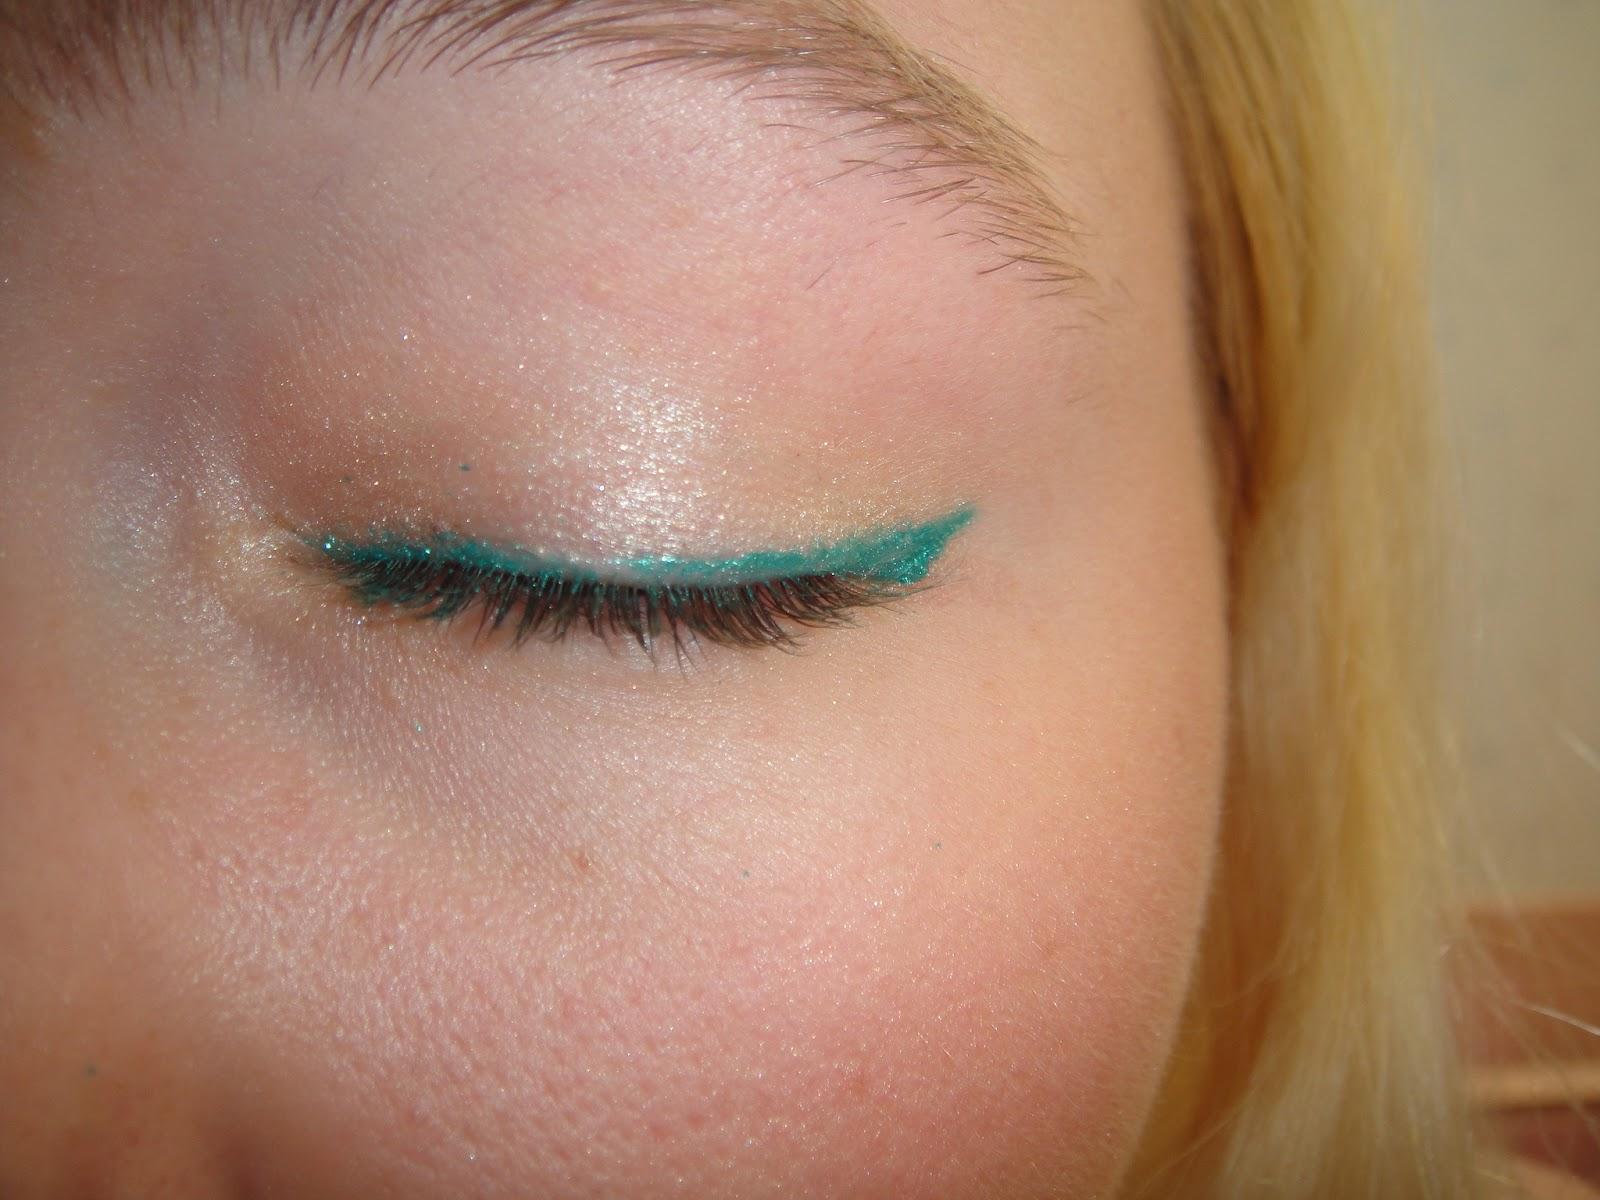 Milani ultrafine liquid liner in emerald glisten Review and Swatches, milani, emerald glisten, milani eyeliner, milani felt liner